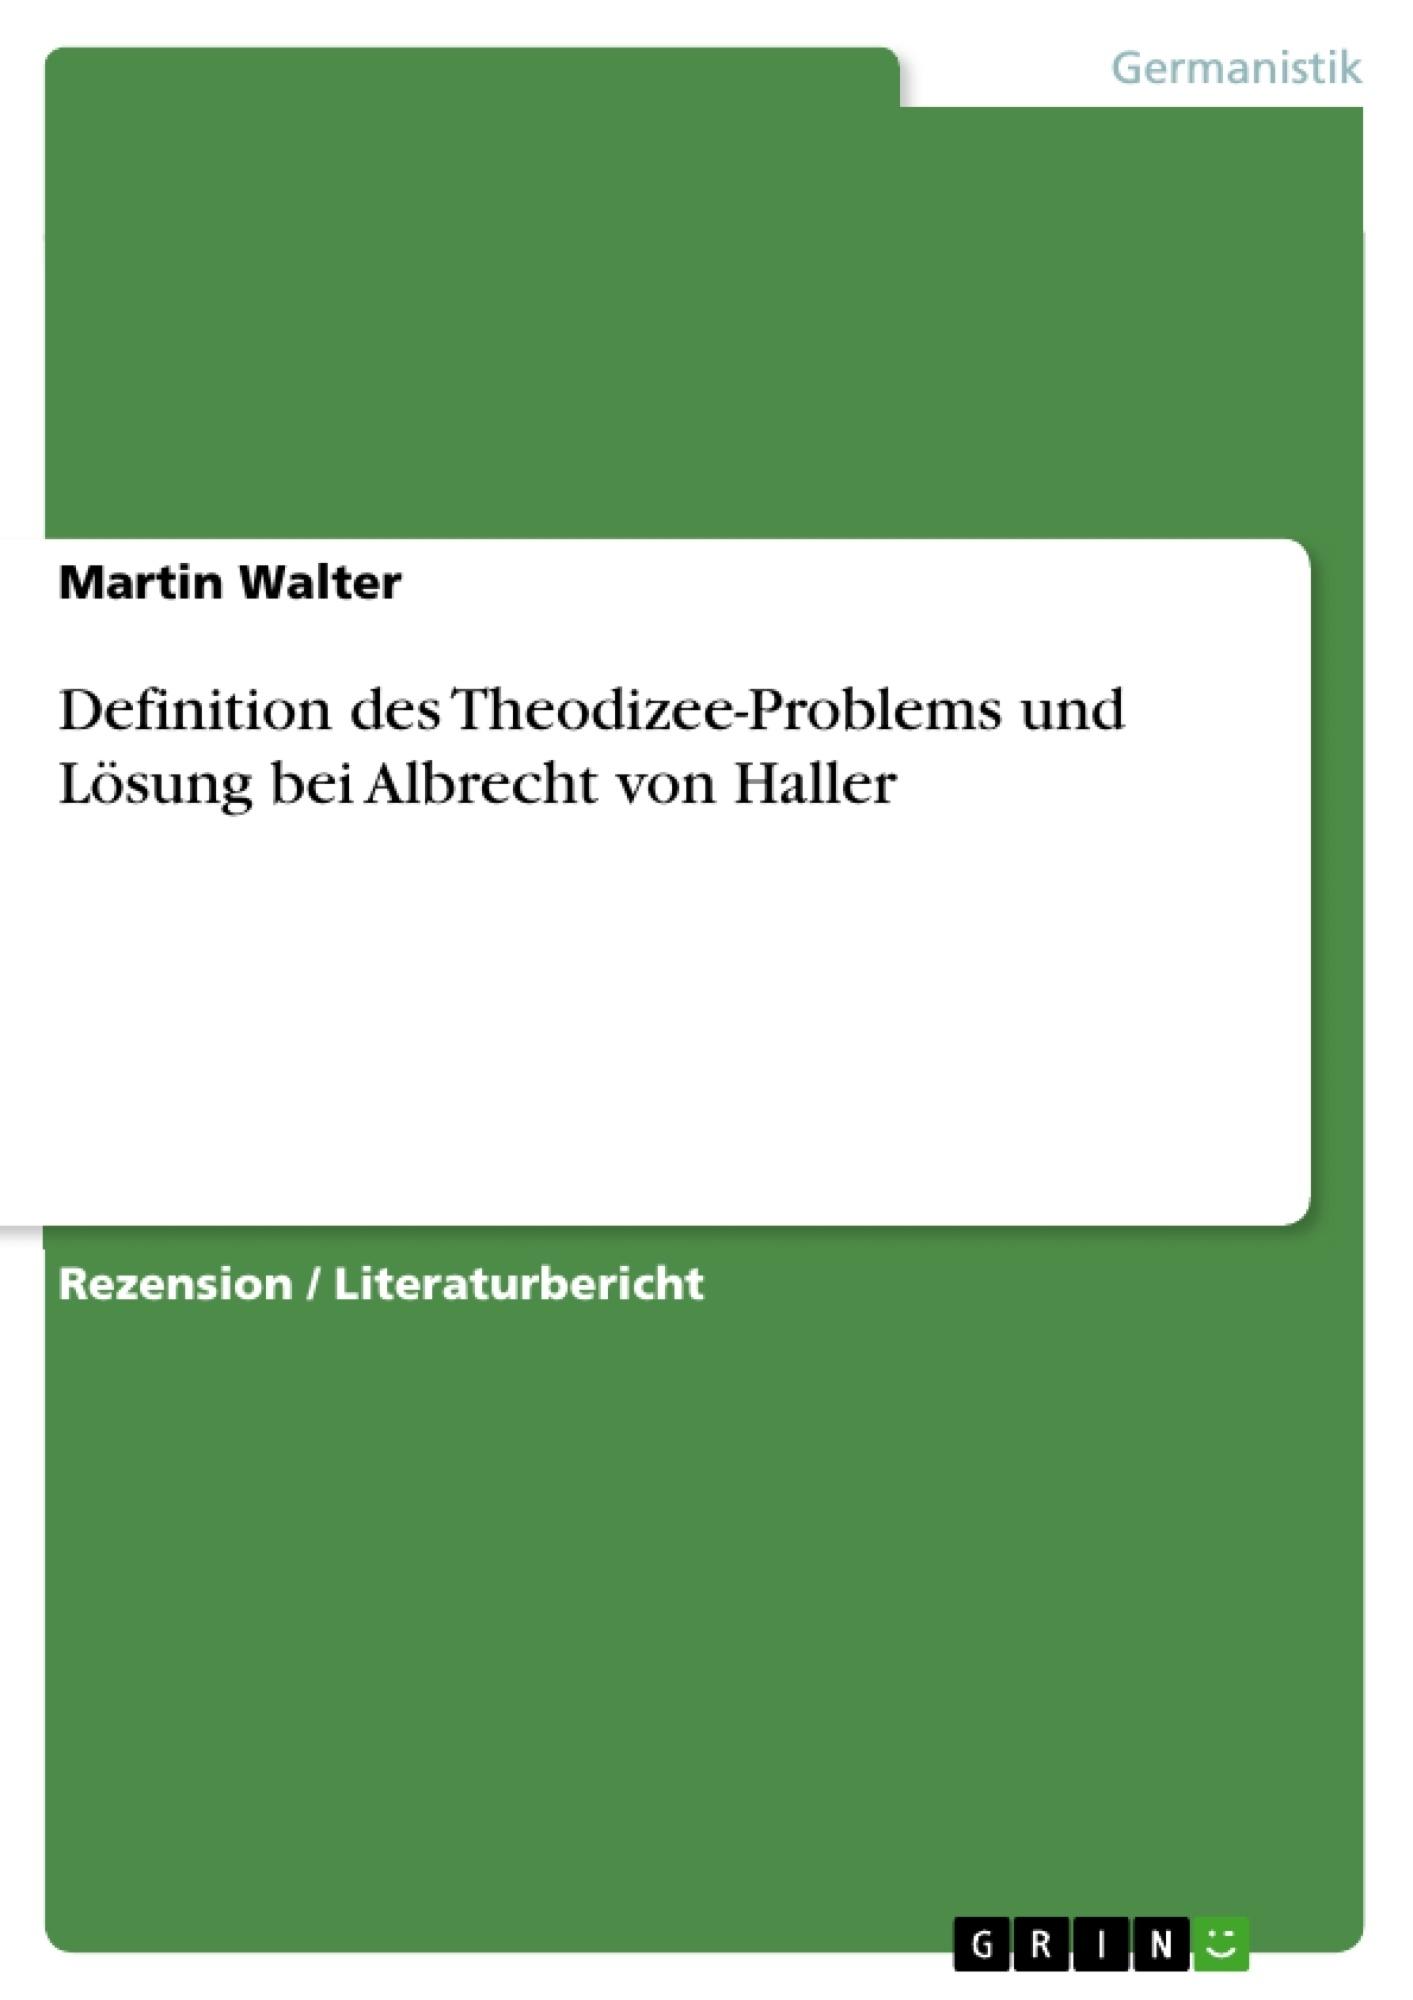 Titel: Definition des Theodizee-Problems und Lösung bei Albrecht von Haller